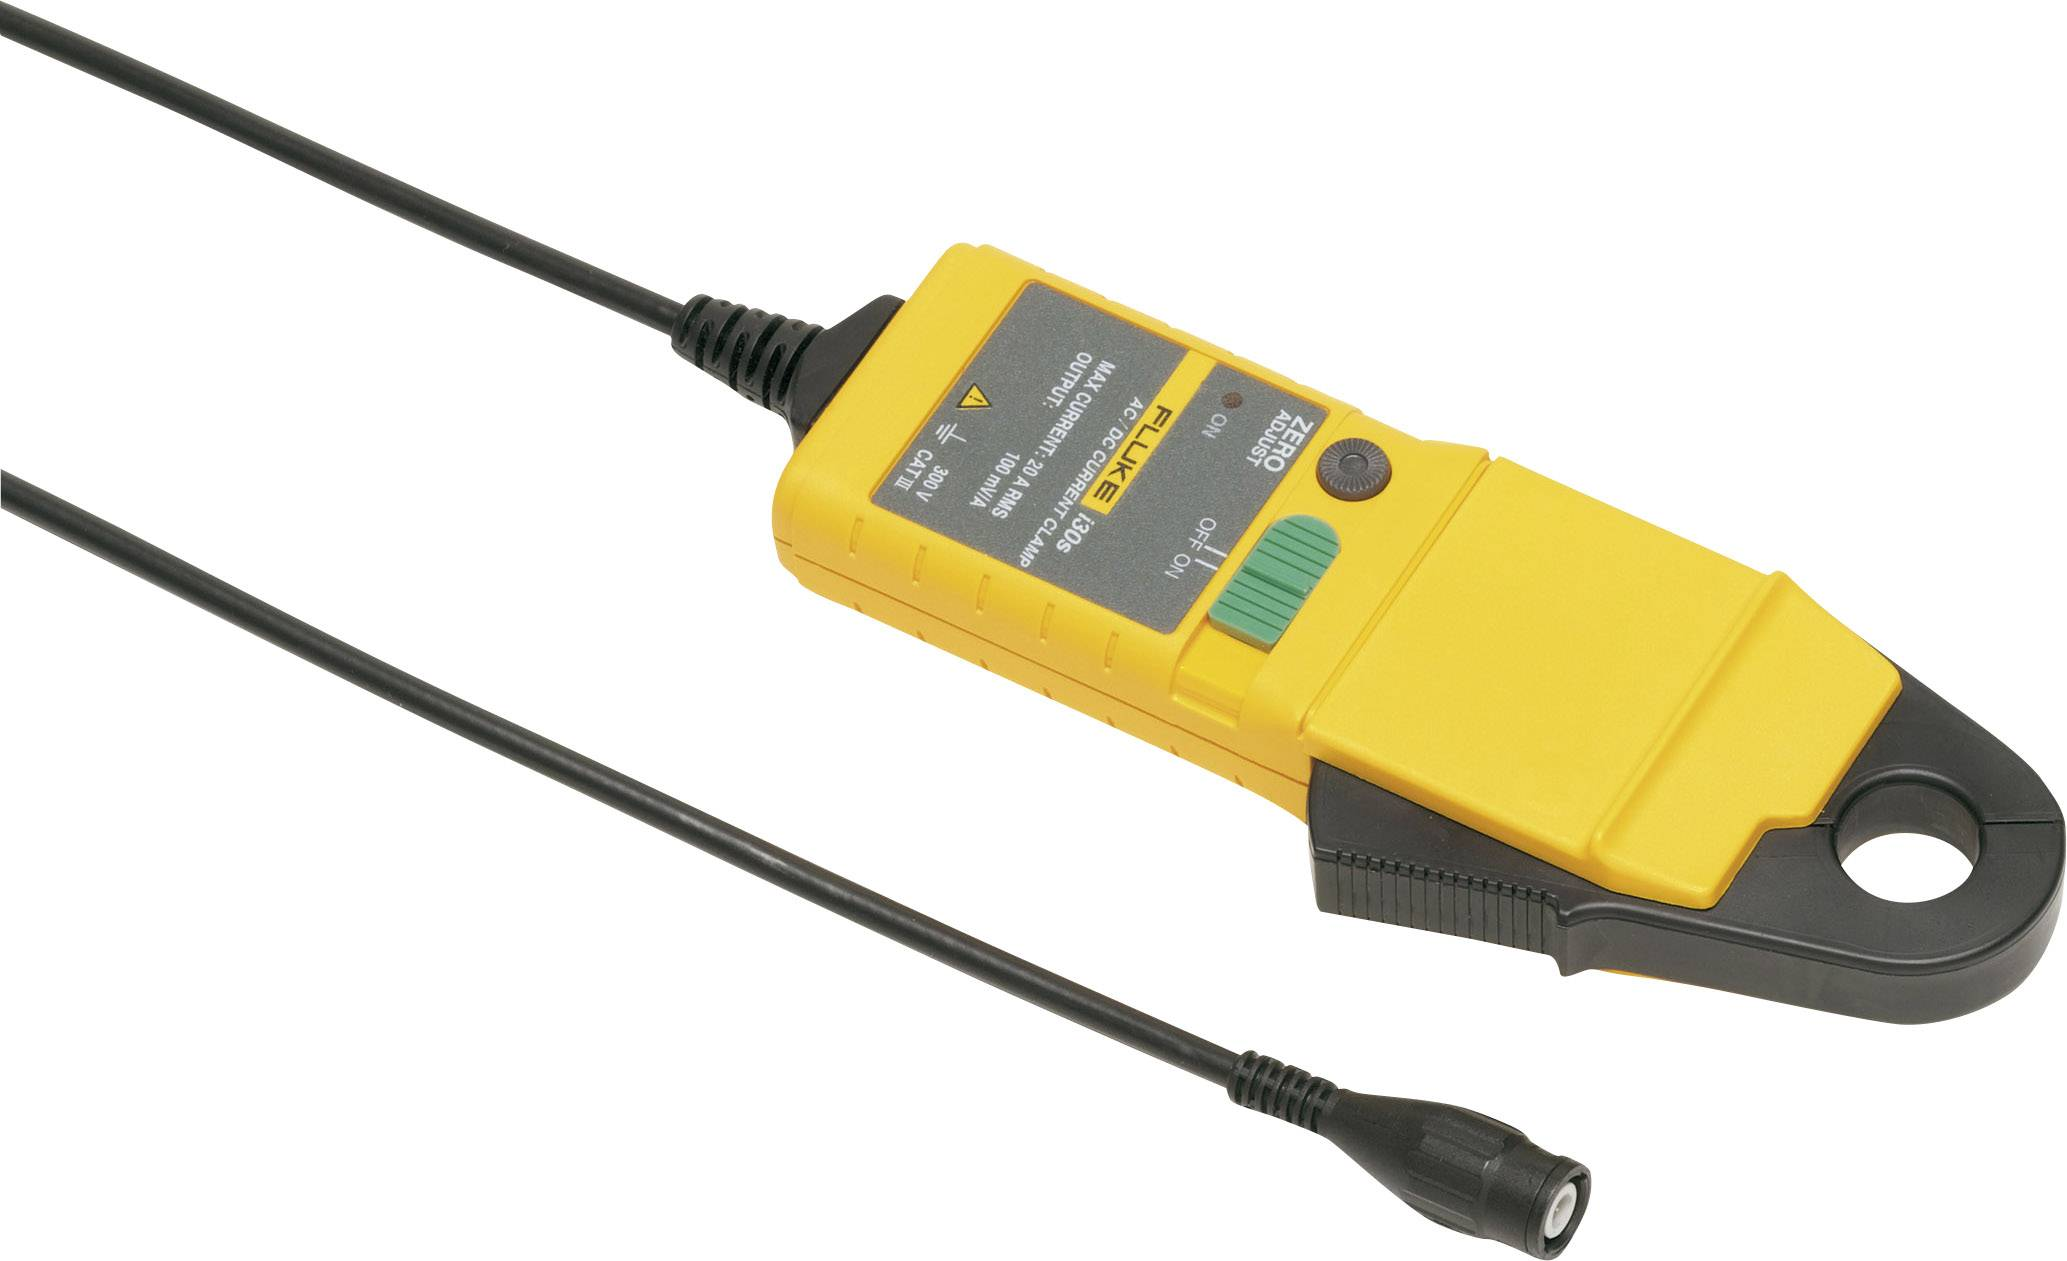 Klešťový proudový adaptér Fluke i30s, 1 mA - 30 A, 19 mm, bez certifikátu